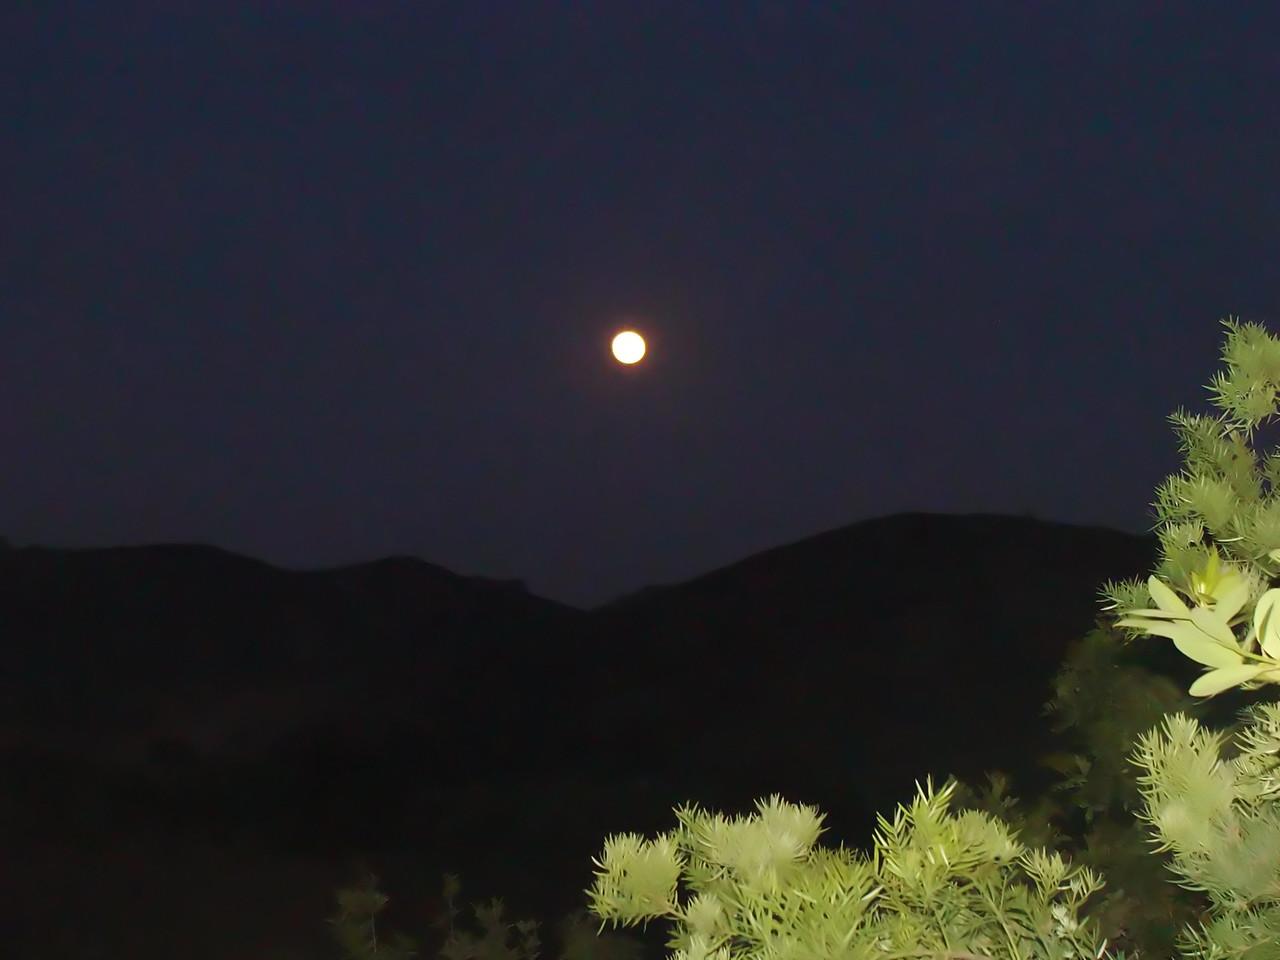 Moon over Sana Rosa Valley